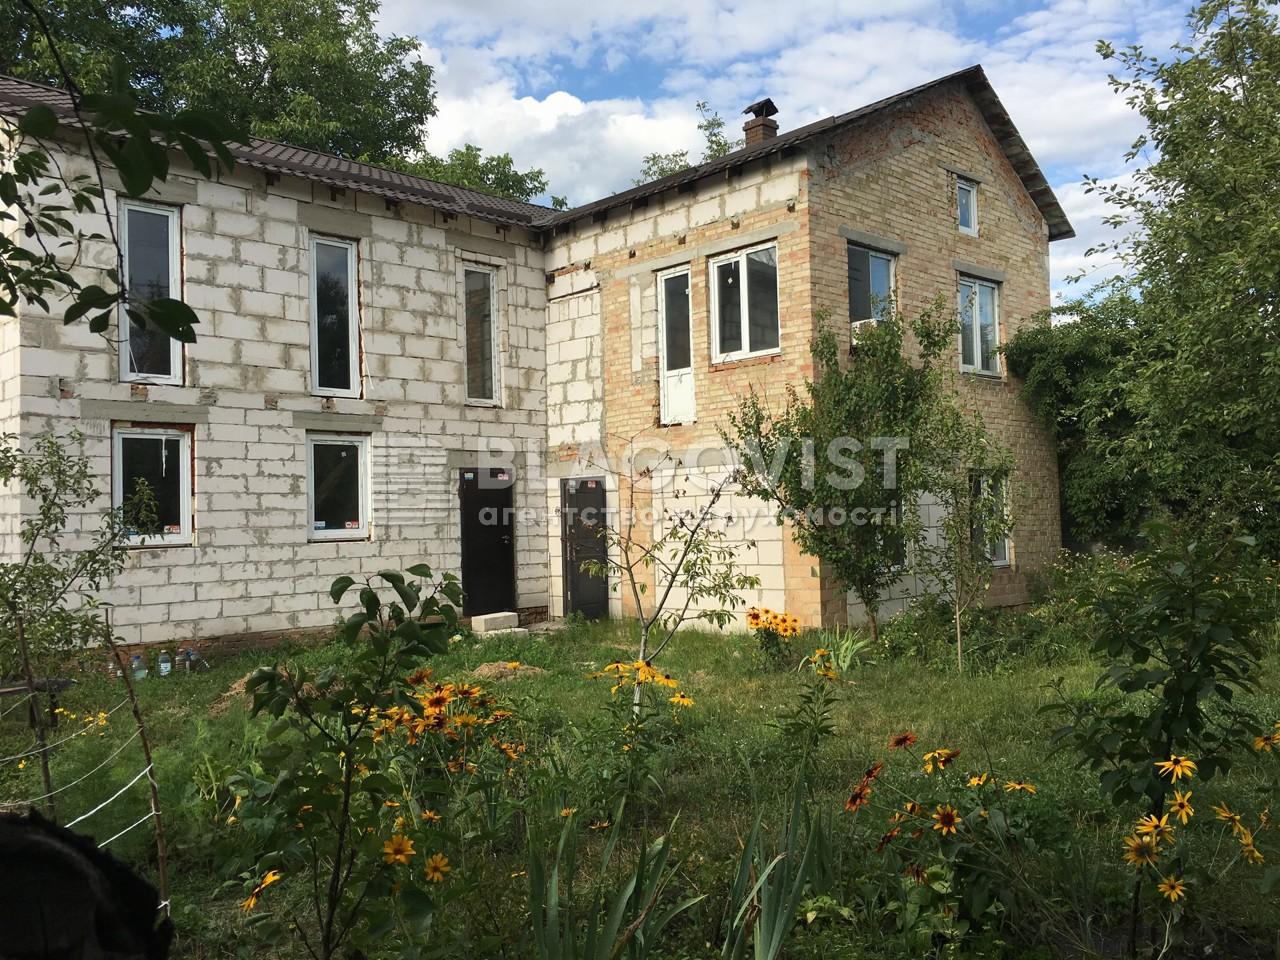 Дом R-27729, Масловка, Киев - Фото 1